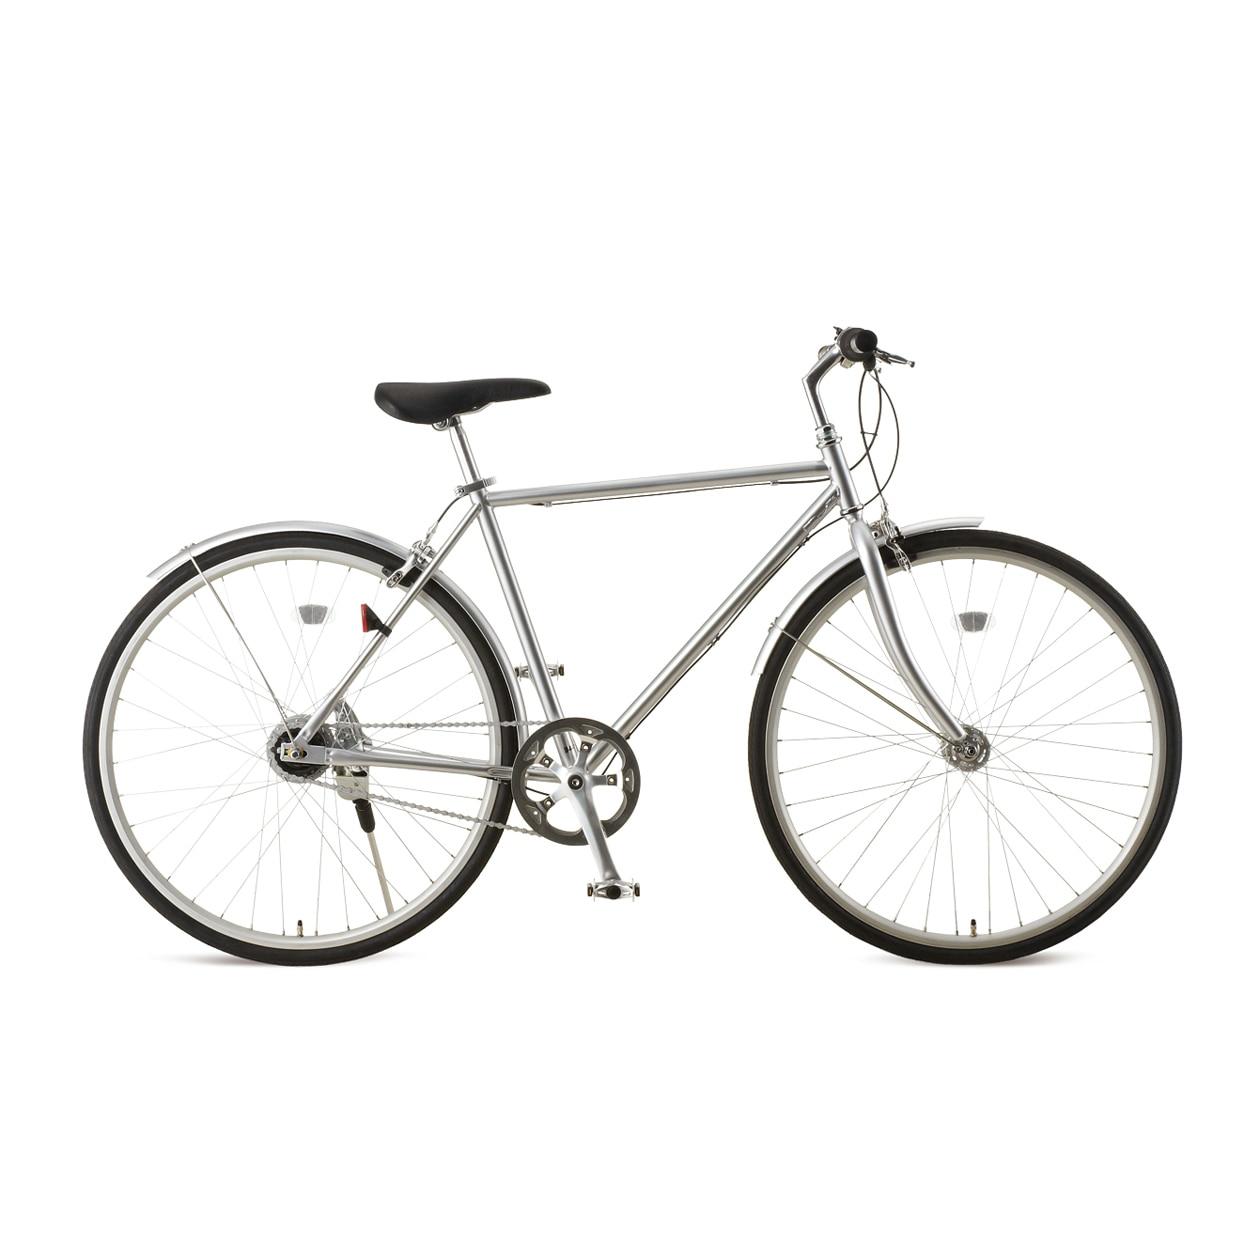 シンプルで洗練された雰囲気の無印良品の自転車。「ロードバイクとは言わないけど、ママチャリよりおしゃれなデザインの自転車に乗りたい!」という趣向の方に人気  ...